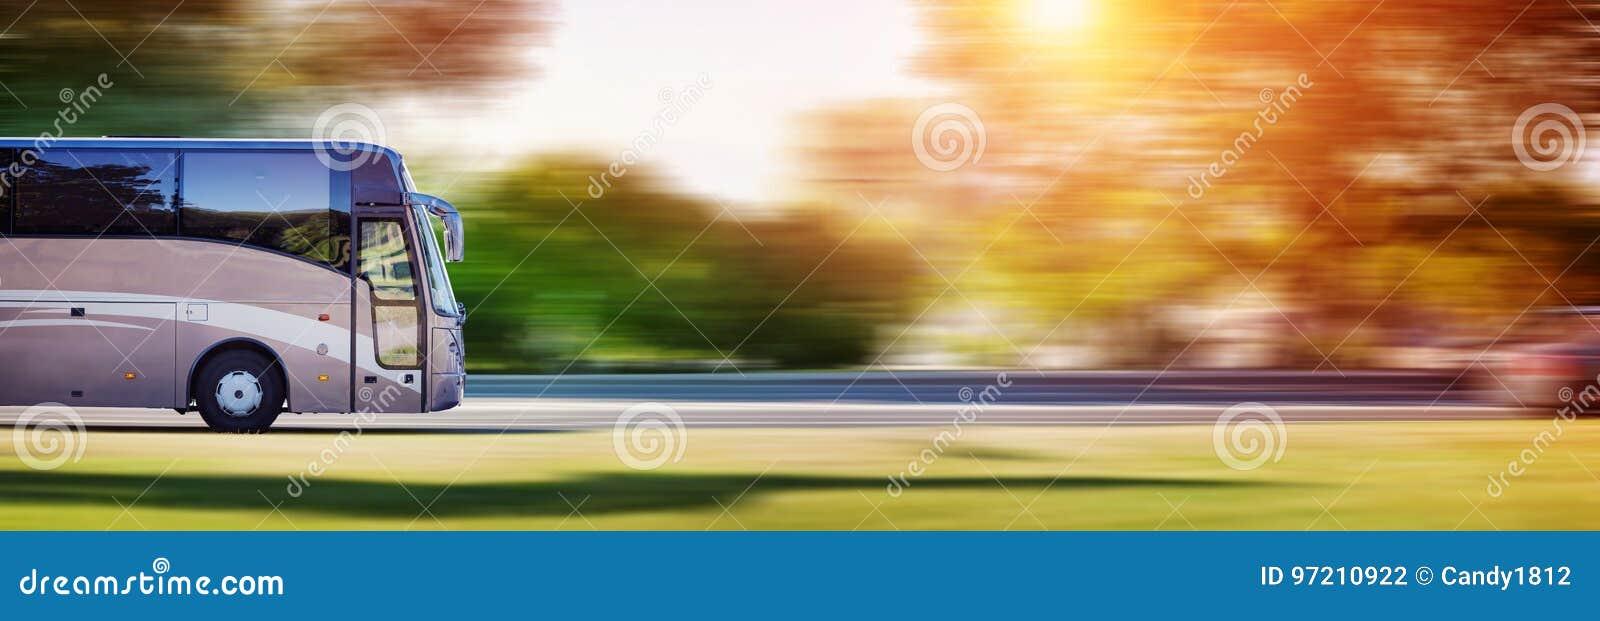 Autobus na asfaltowej drodze w pięknym wiosna dniu